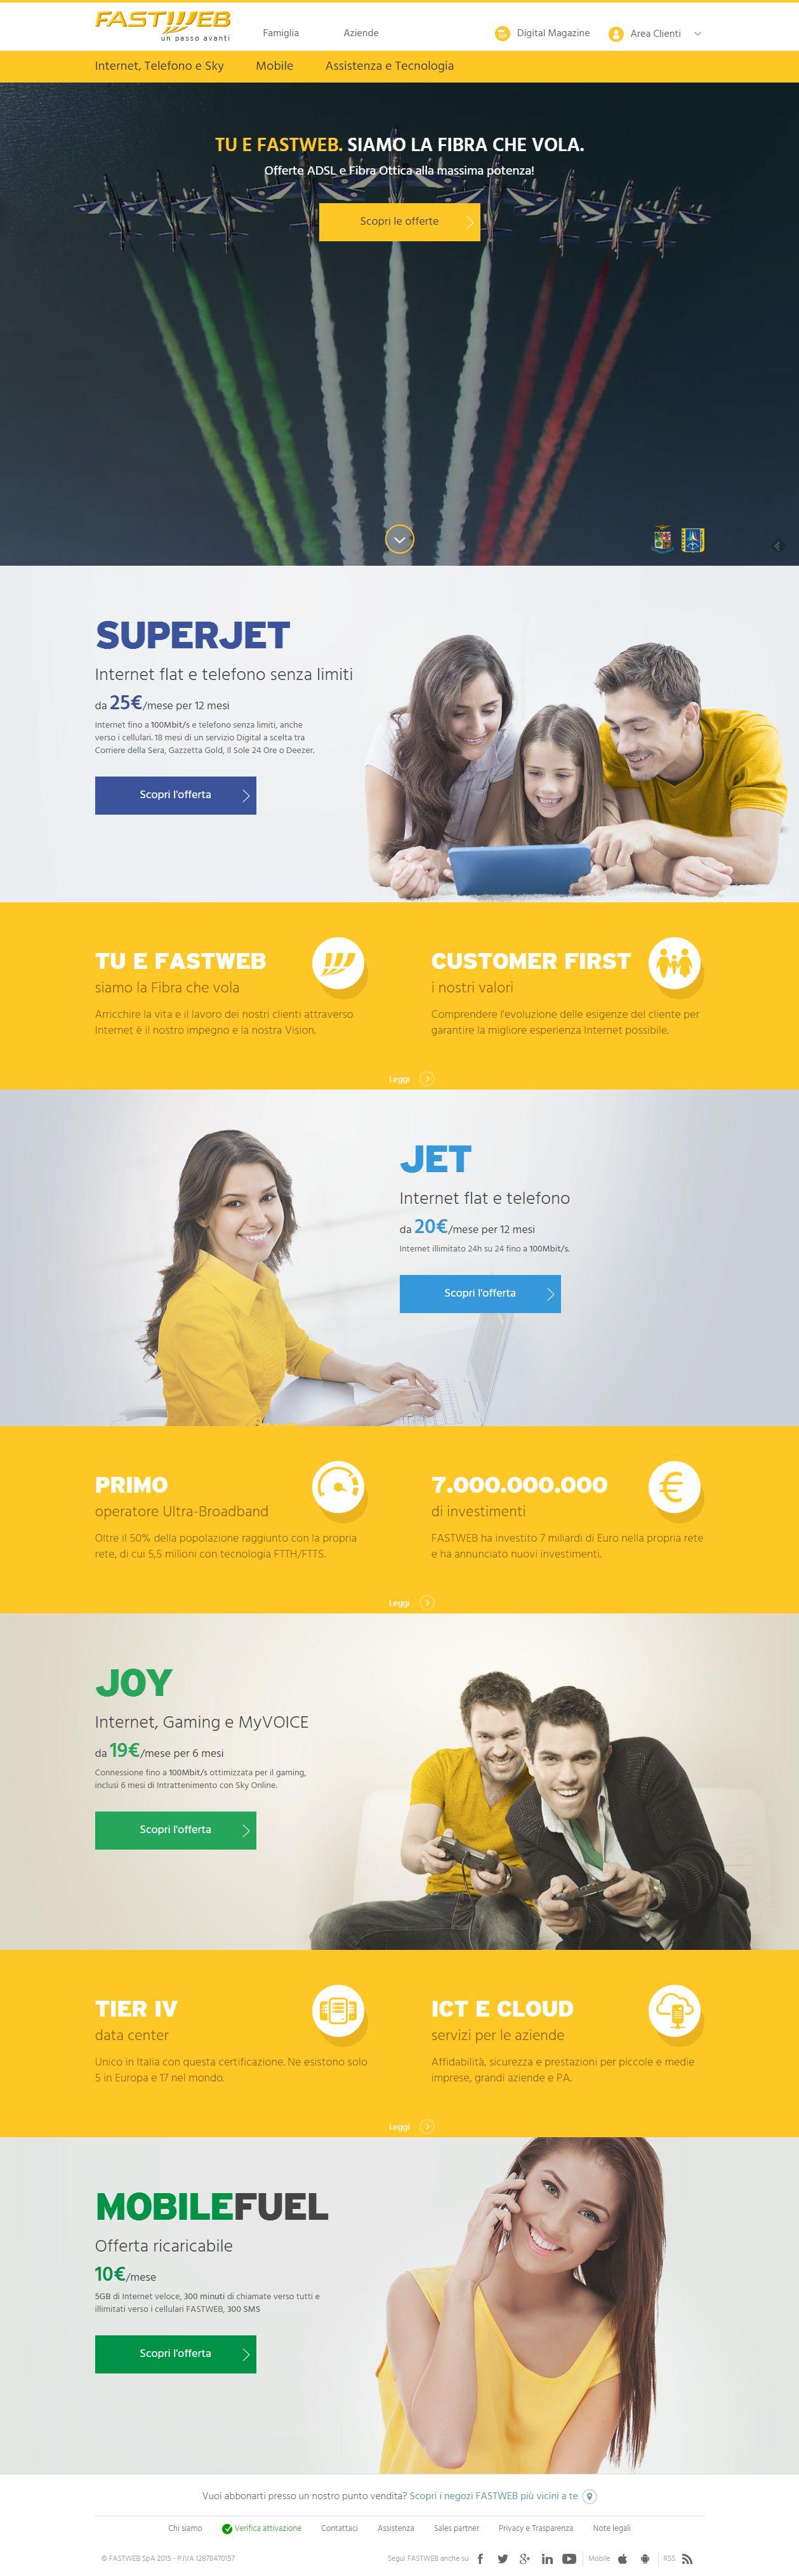 FASTWEB_nuovo_sito